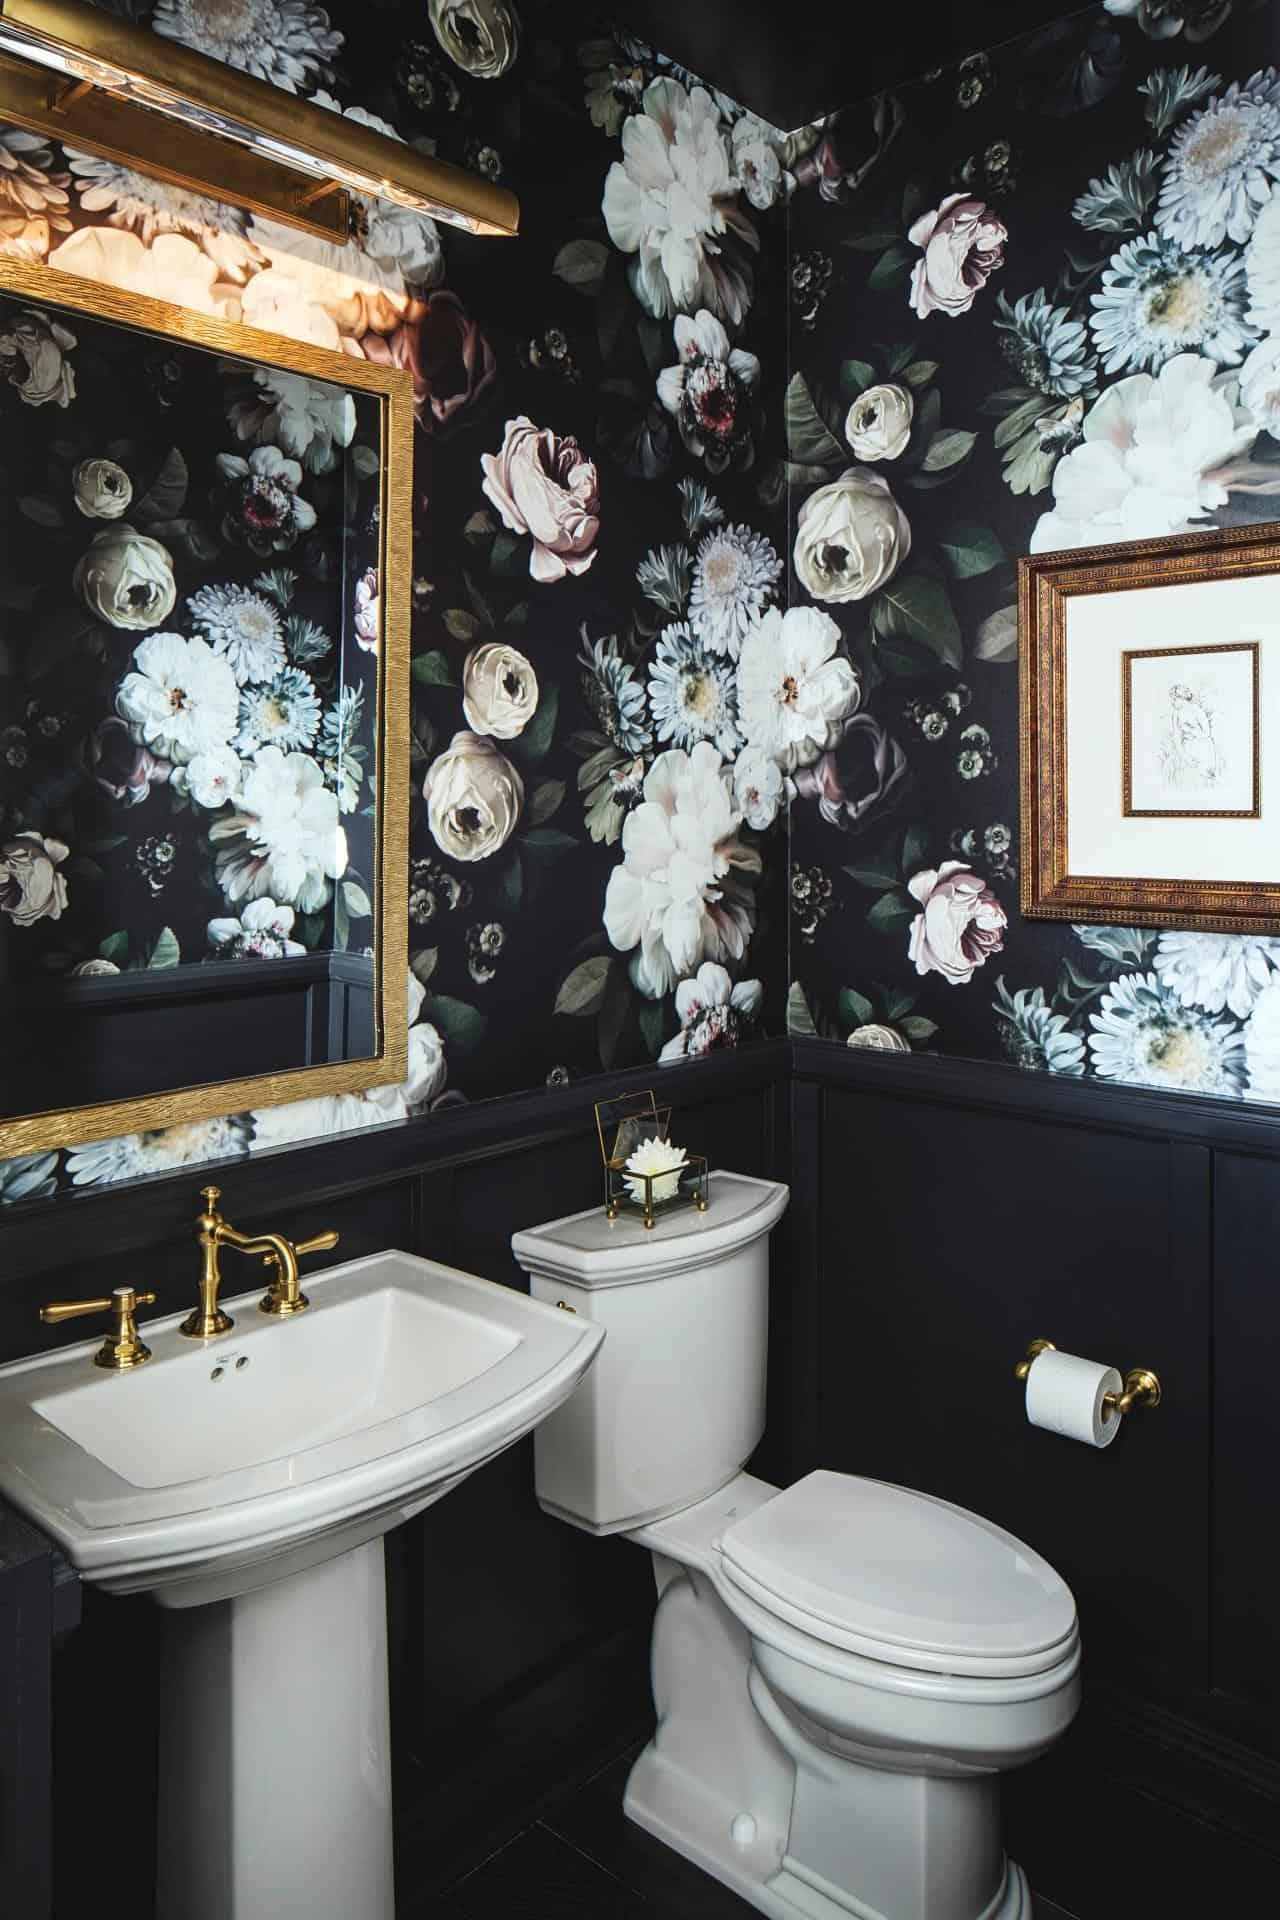 floral wallpaper in bathroom.jpeg 2